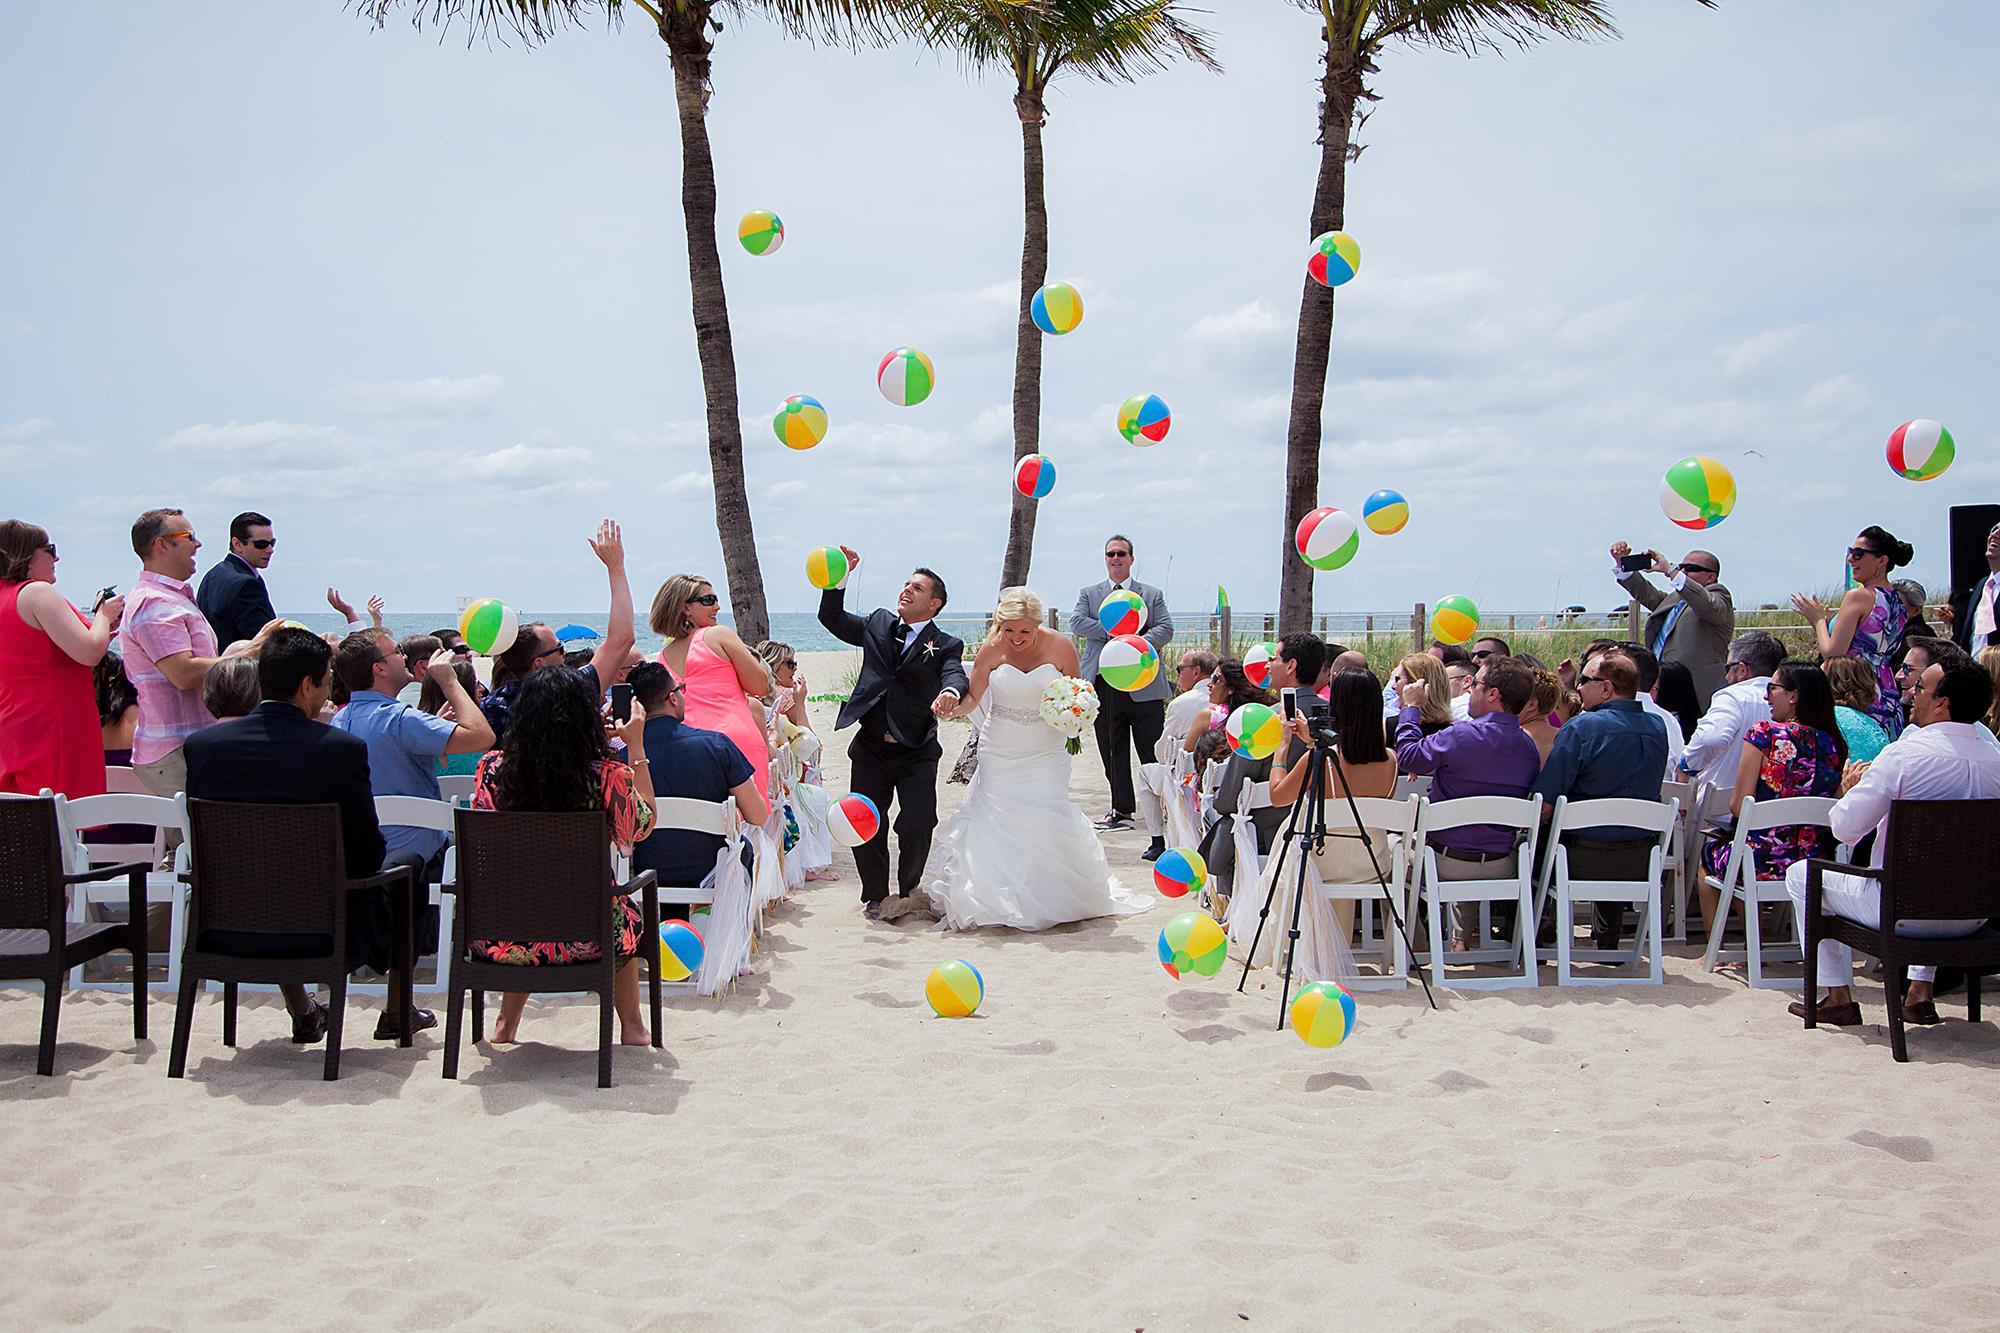 unqiue-wedding-ideas.jpg